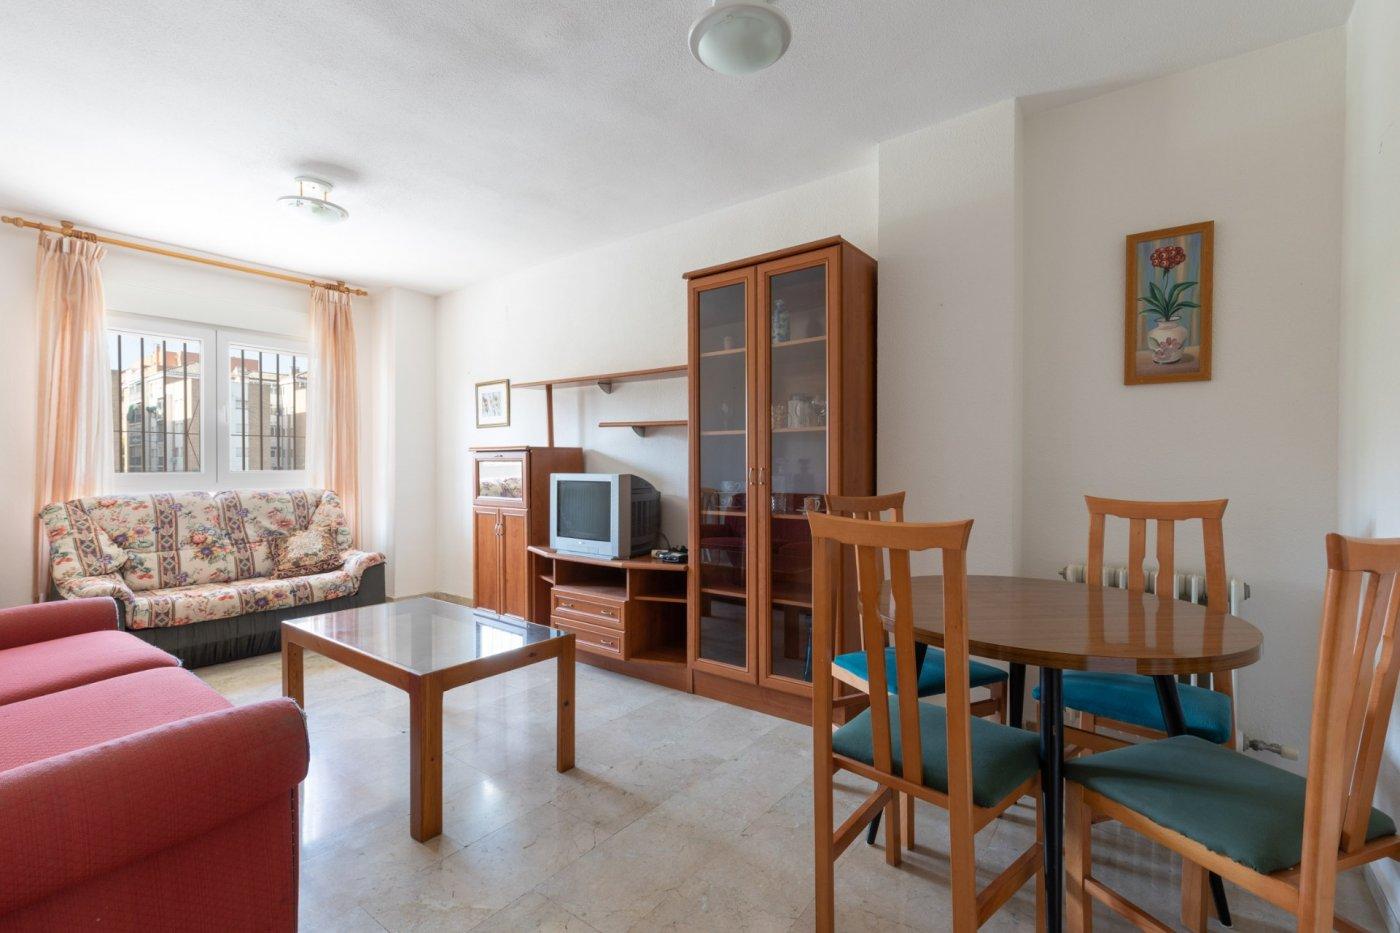 Piso de 2 dormitorios junto a villarejo con garaje incluido.